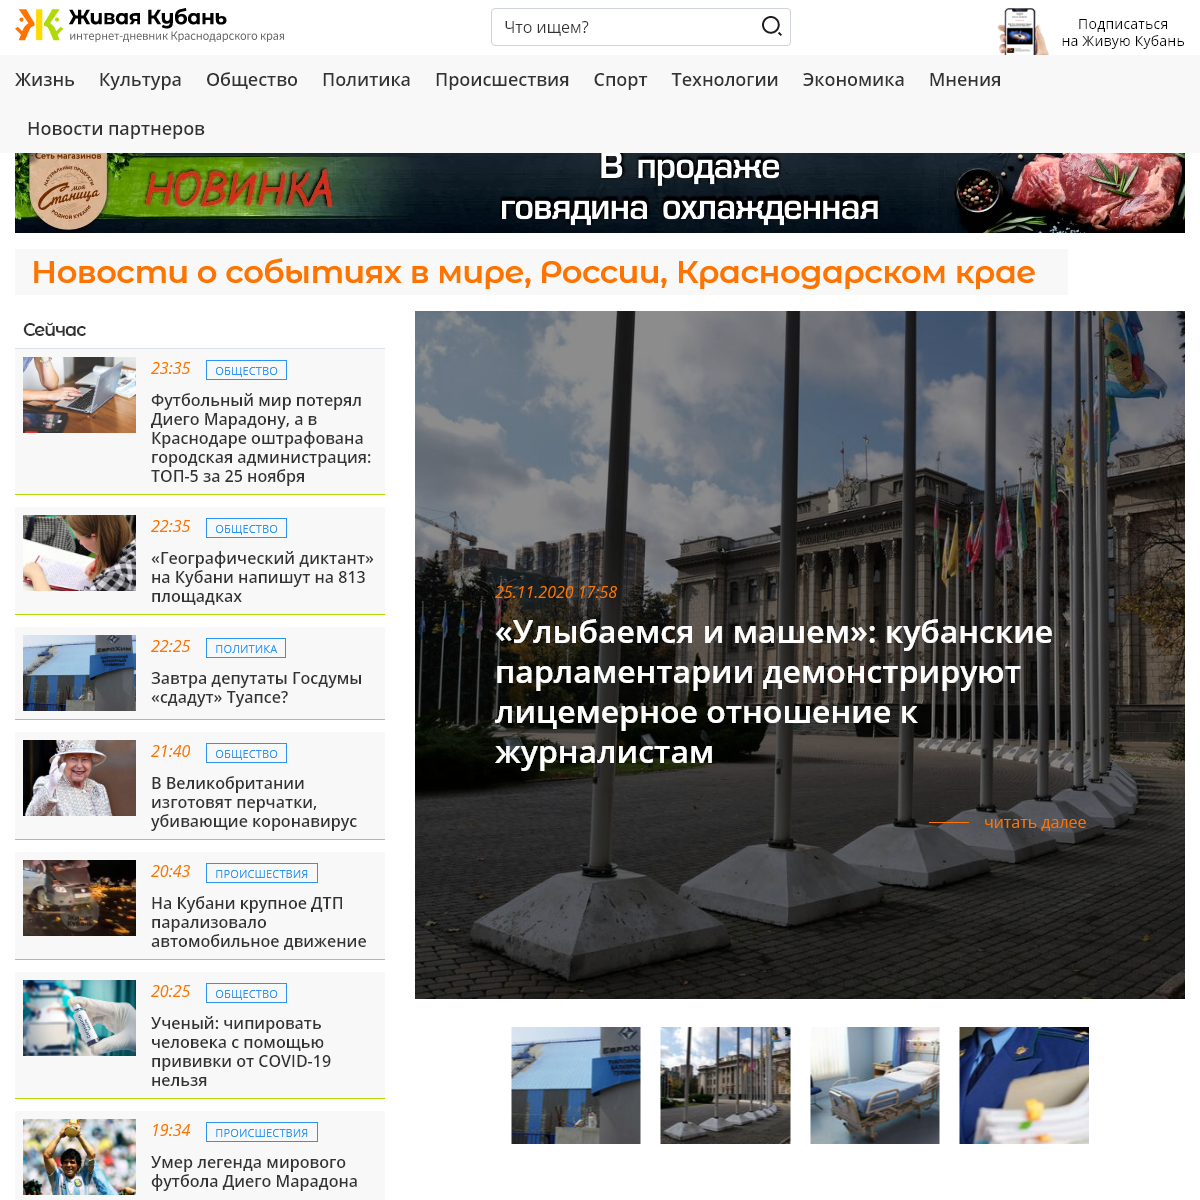 Новости о событиях в мире, России, Краснодарском крае - Живая Кубань